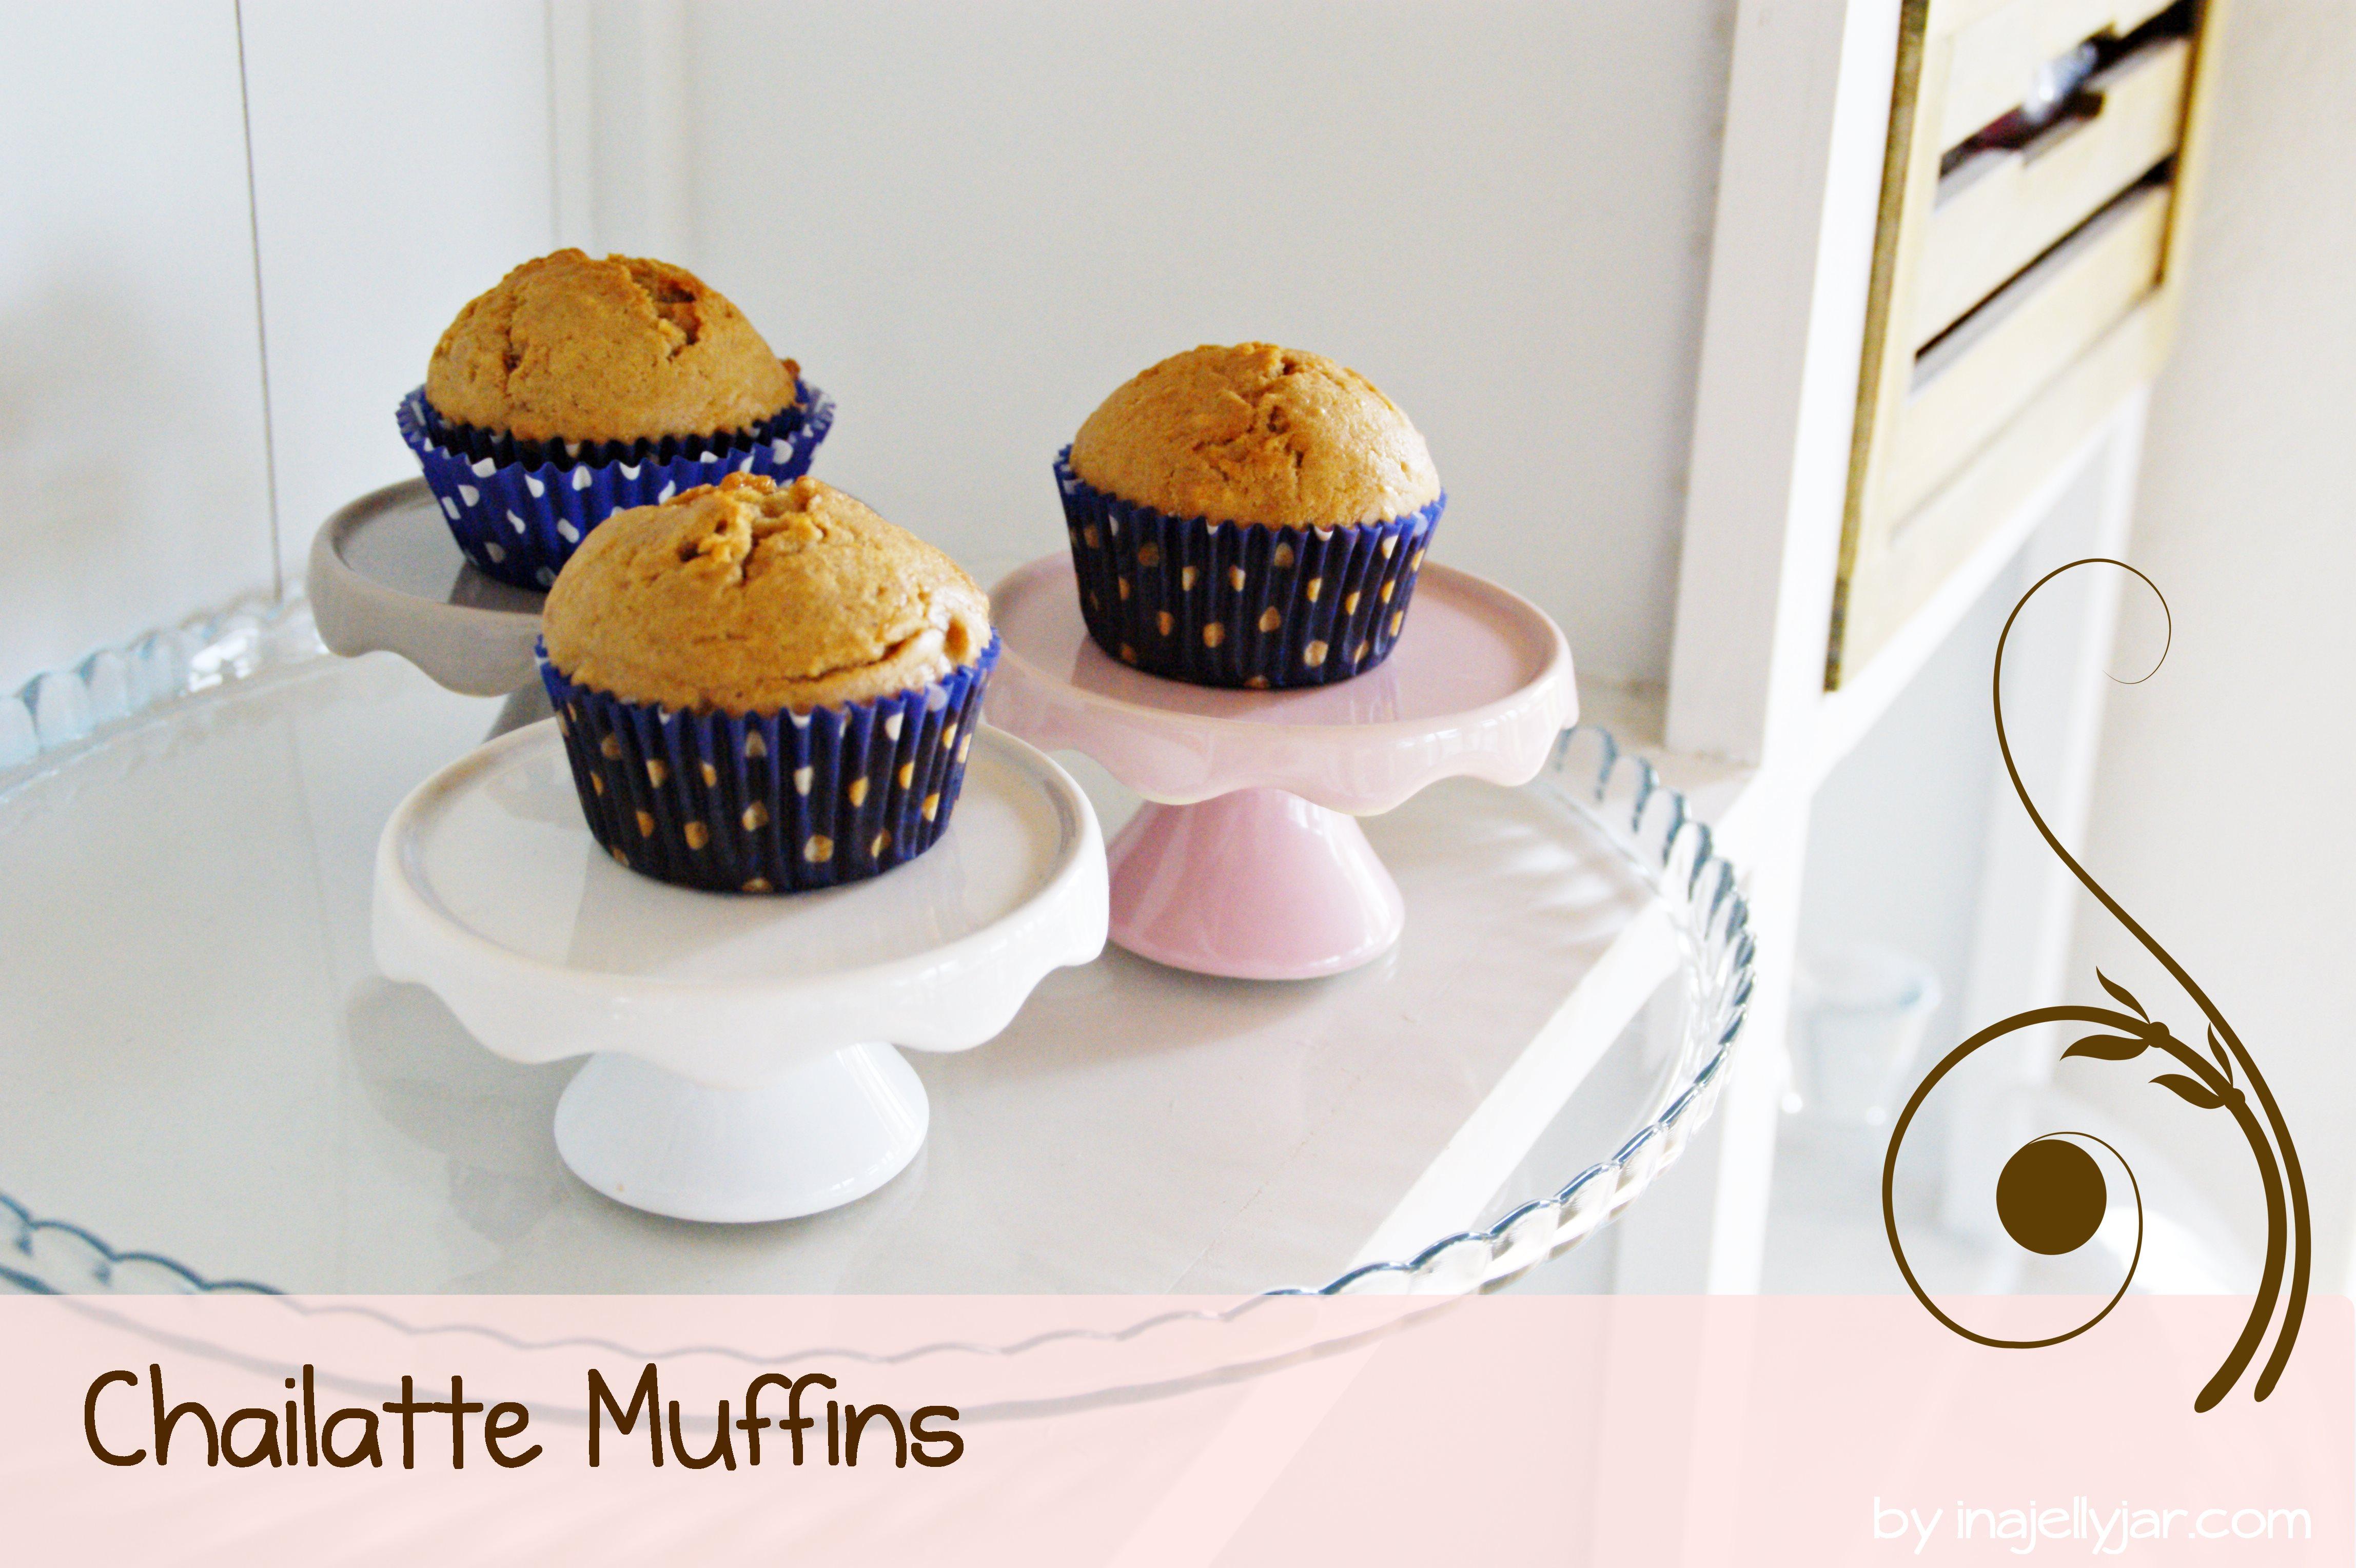 Chailatte Muffins